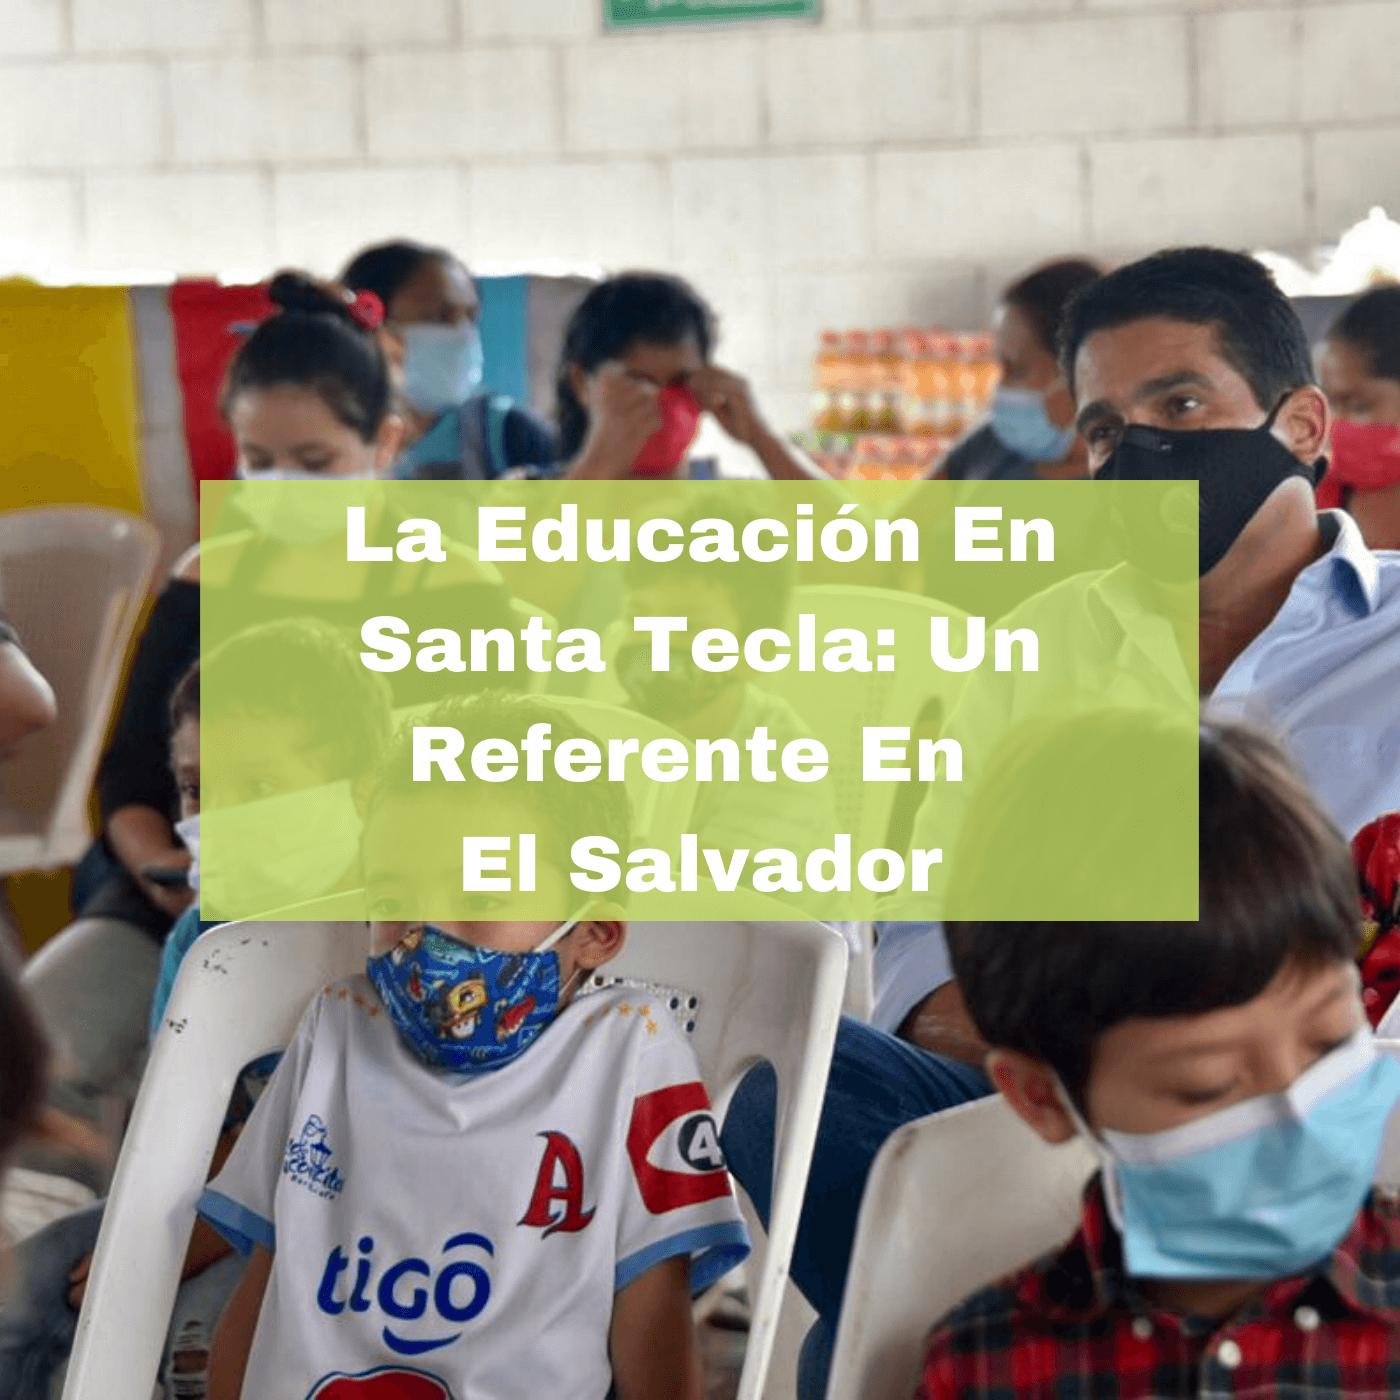 La Educación En Santa Tecla Un Referente En El Salvador. Foto portada. Infografía. Roberto d'Aubuisson. 2021